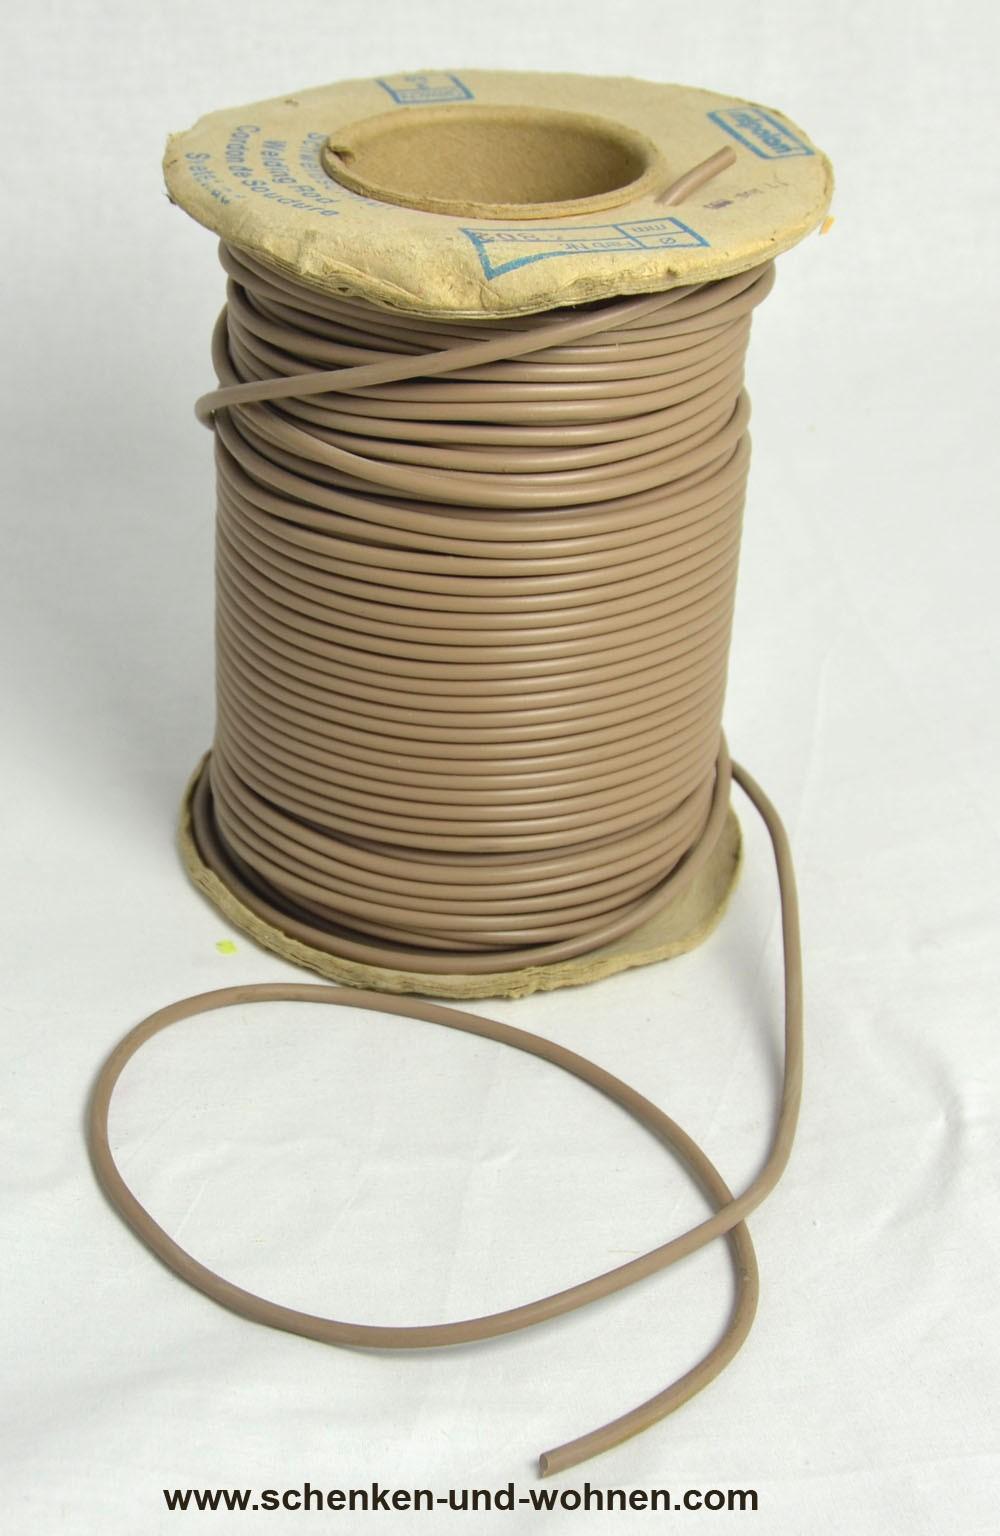 Schweißschnur 4 mmx5m PVC hellbraun 84802 Meterware